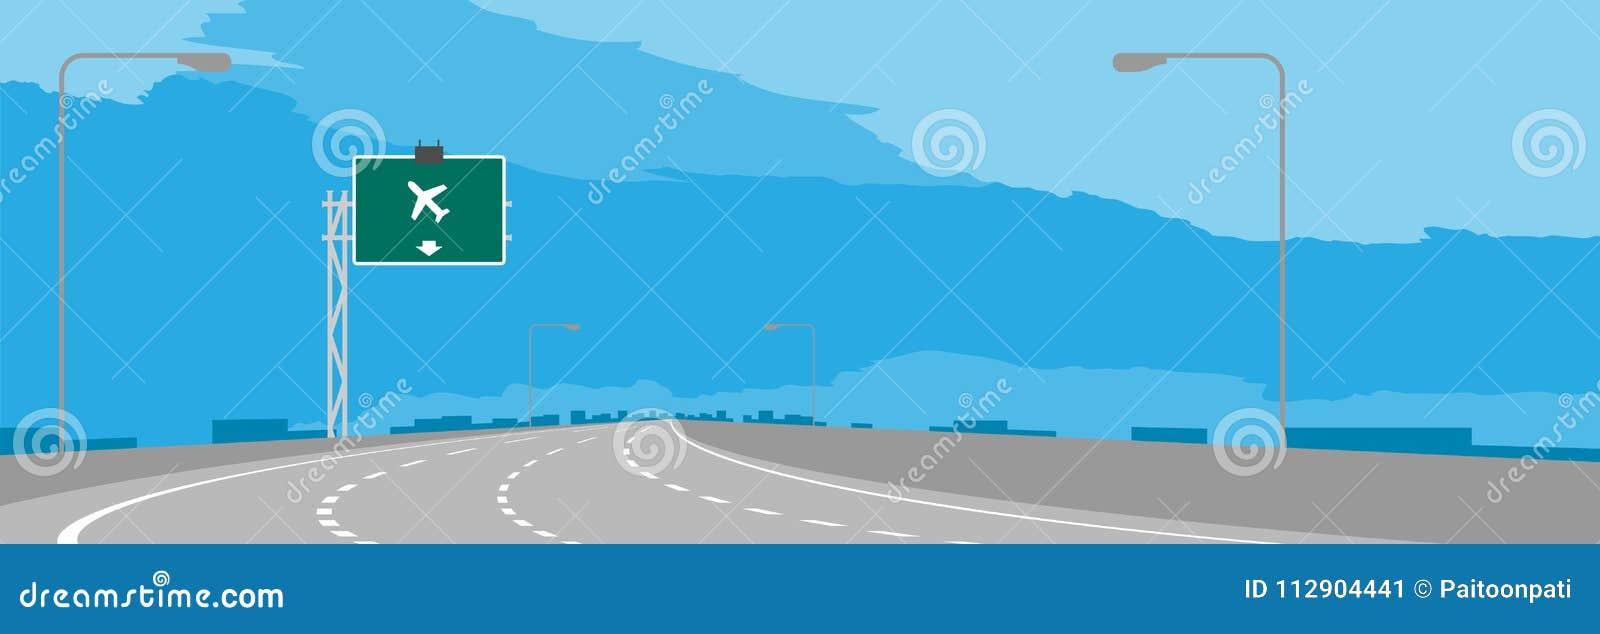 Autostrada, autostrady zieleń lub chył signage z lotniskiem i podpisujemy wewnątrz dzienną ilustrację